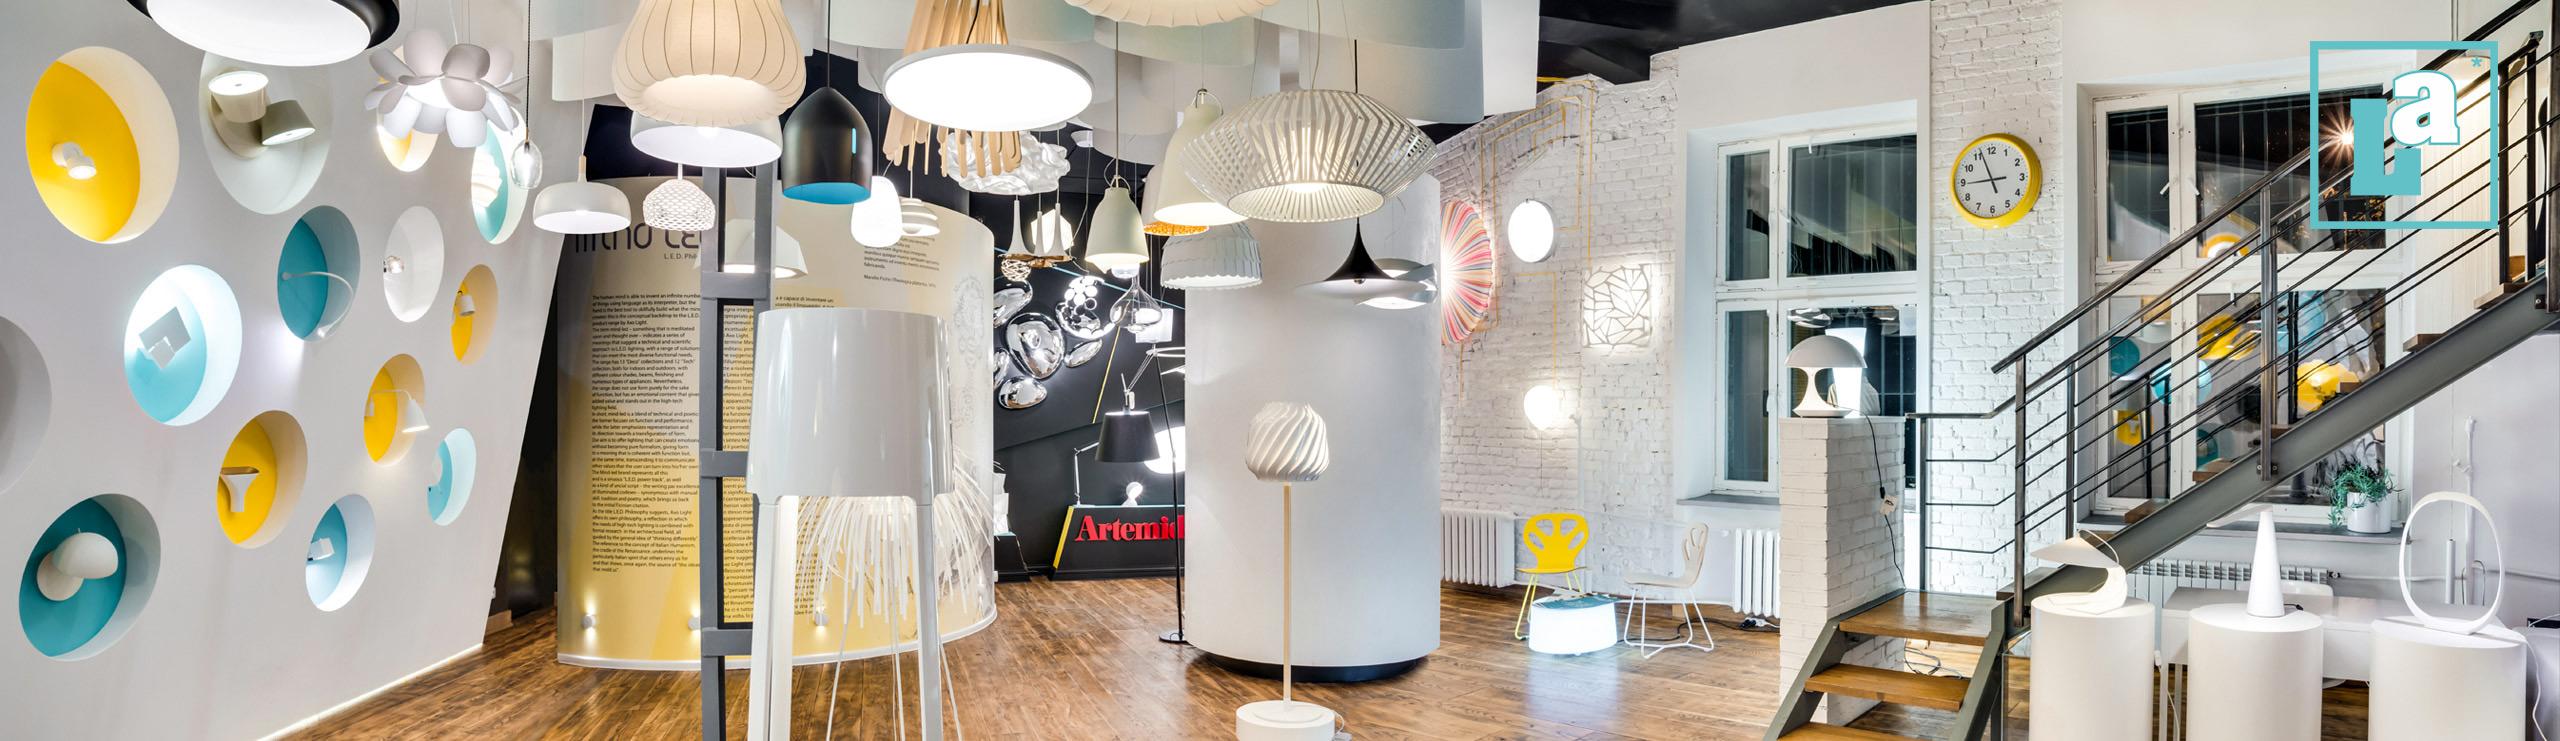 Salon lampy o wietlenie warszawa nowoczesne lampy meble dodatki salon Sklepy designerskie warszawa